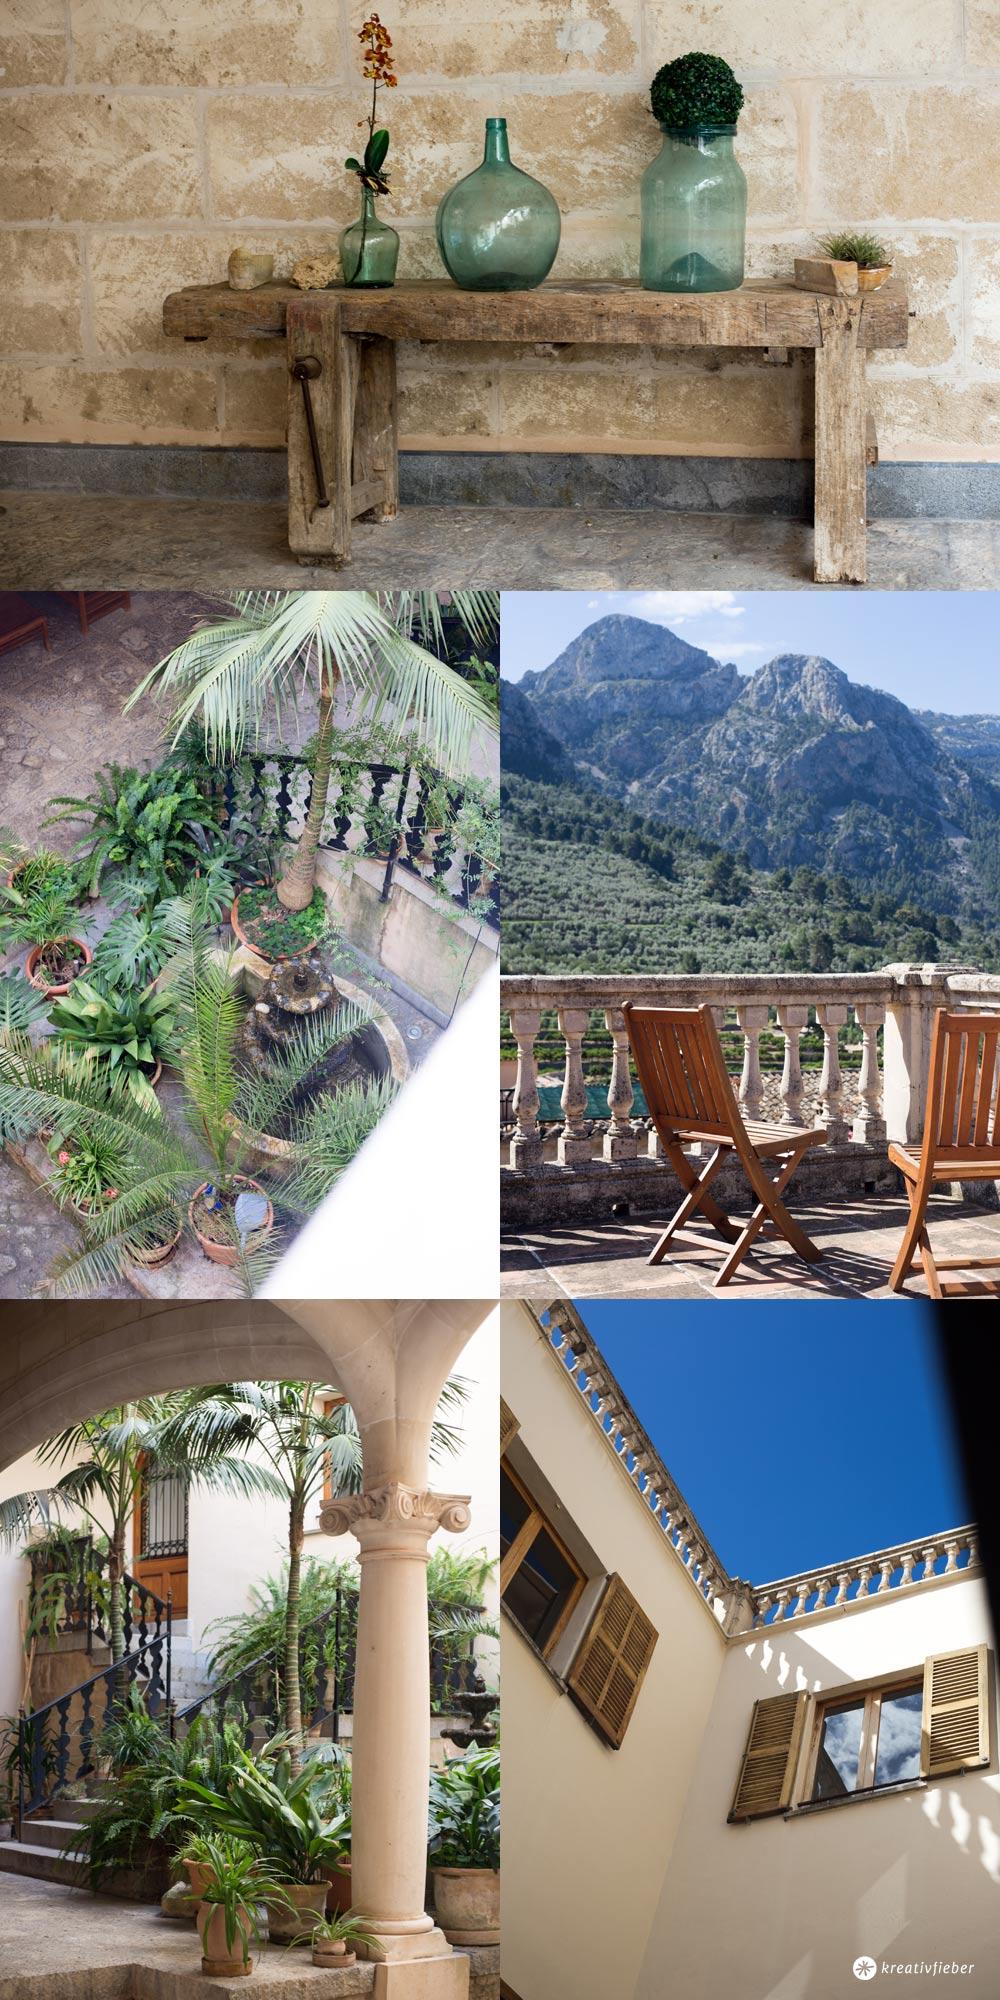 7 Tipps für Fornalutx auf Mallorca - airbnb Appartement mit Dachterrasse in Fornaluxt